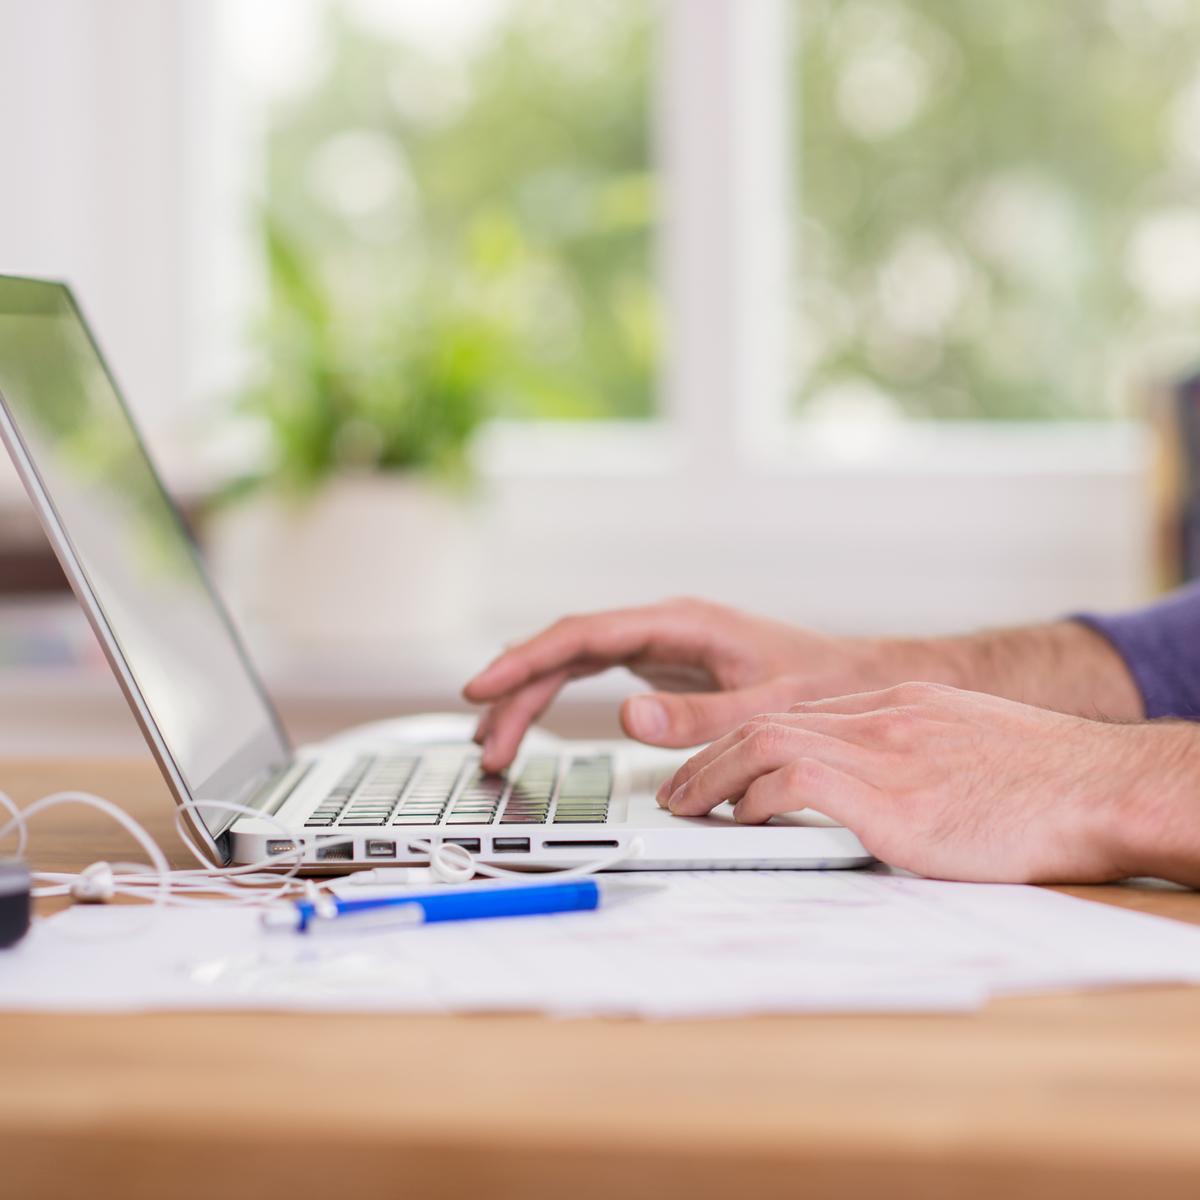 Homme à une table devant son ordinateur.